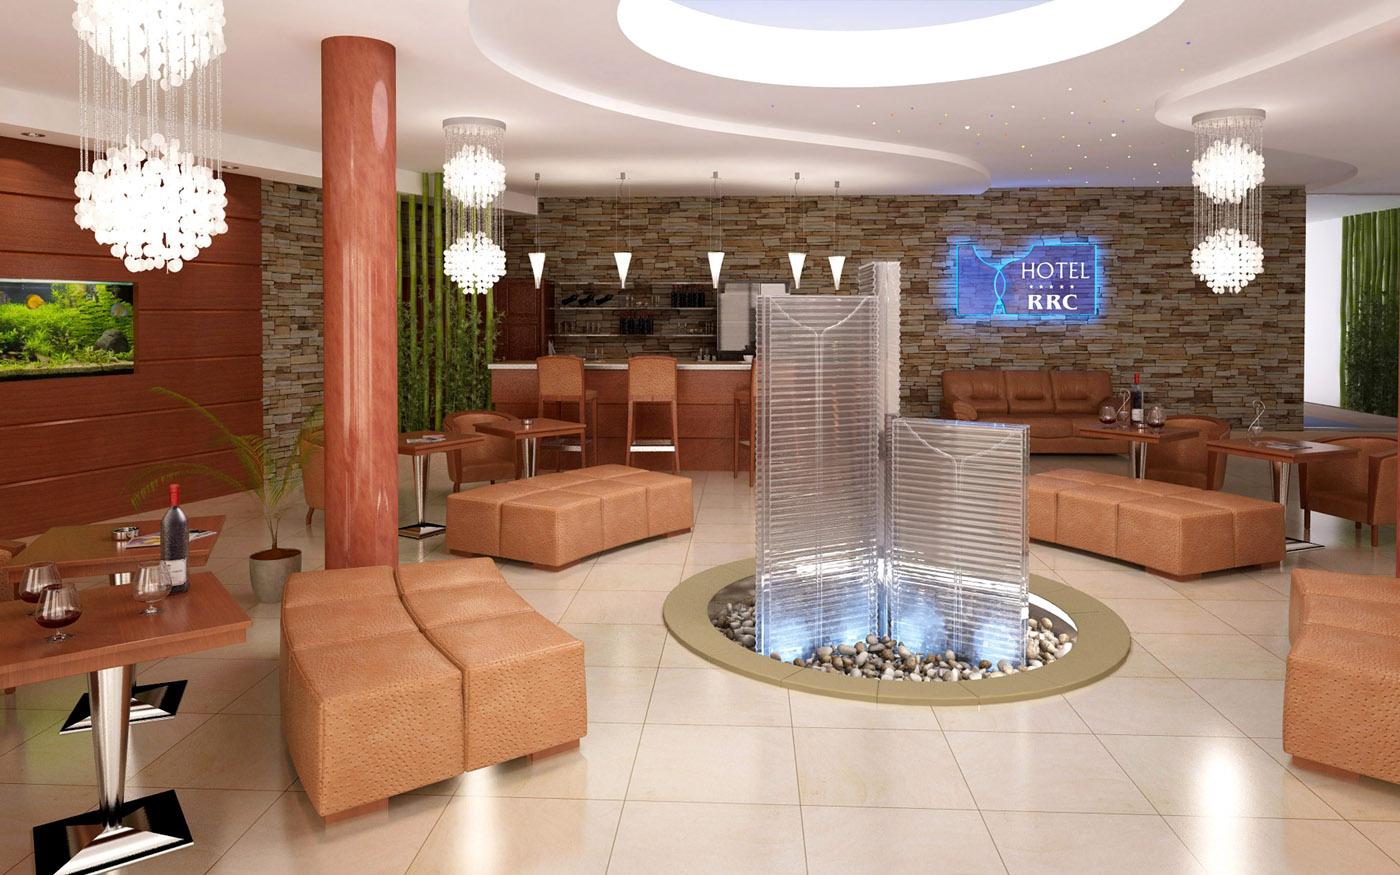 3D vizualizace interiéru hotelu RRC